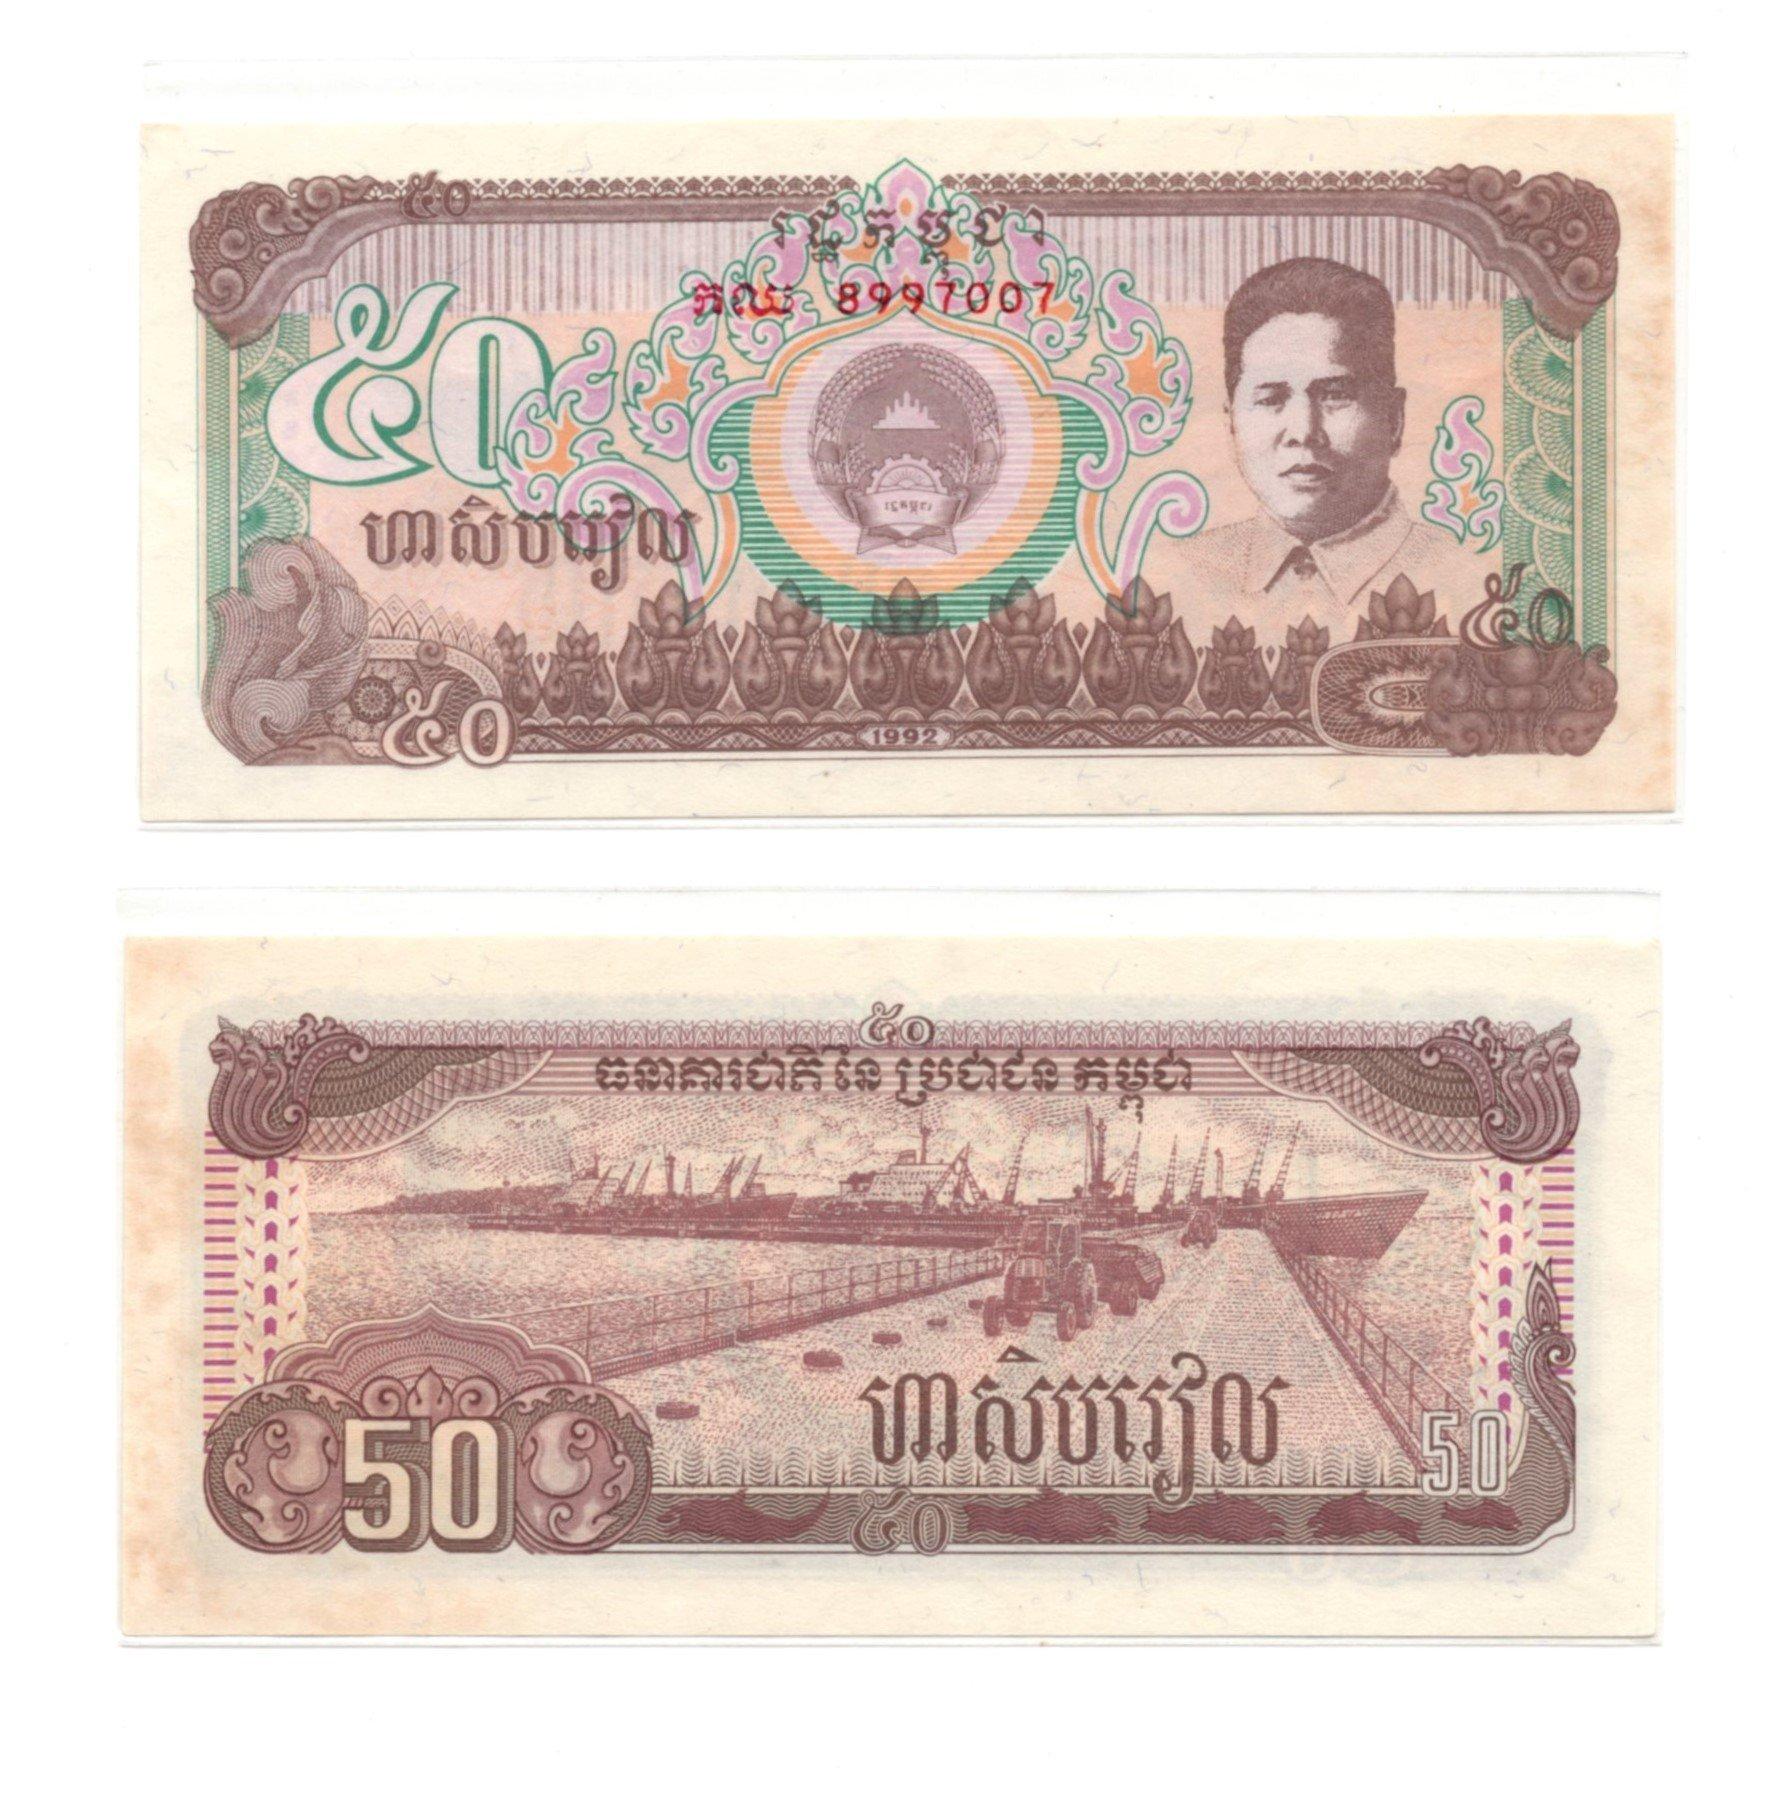 Cambodia 50 riels 1992